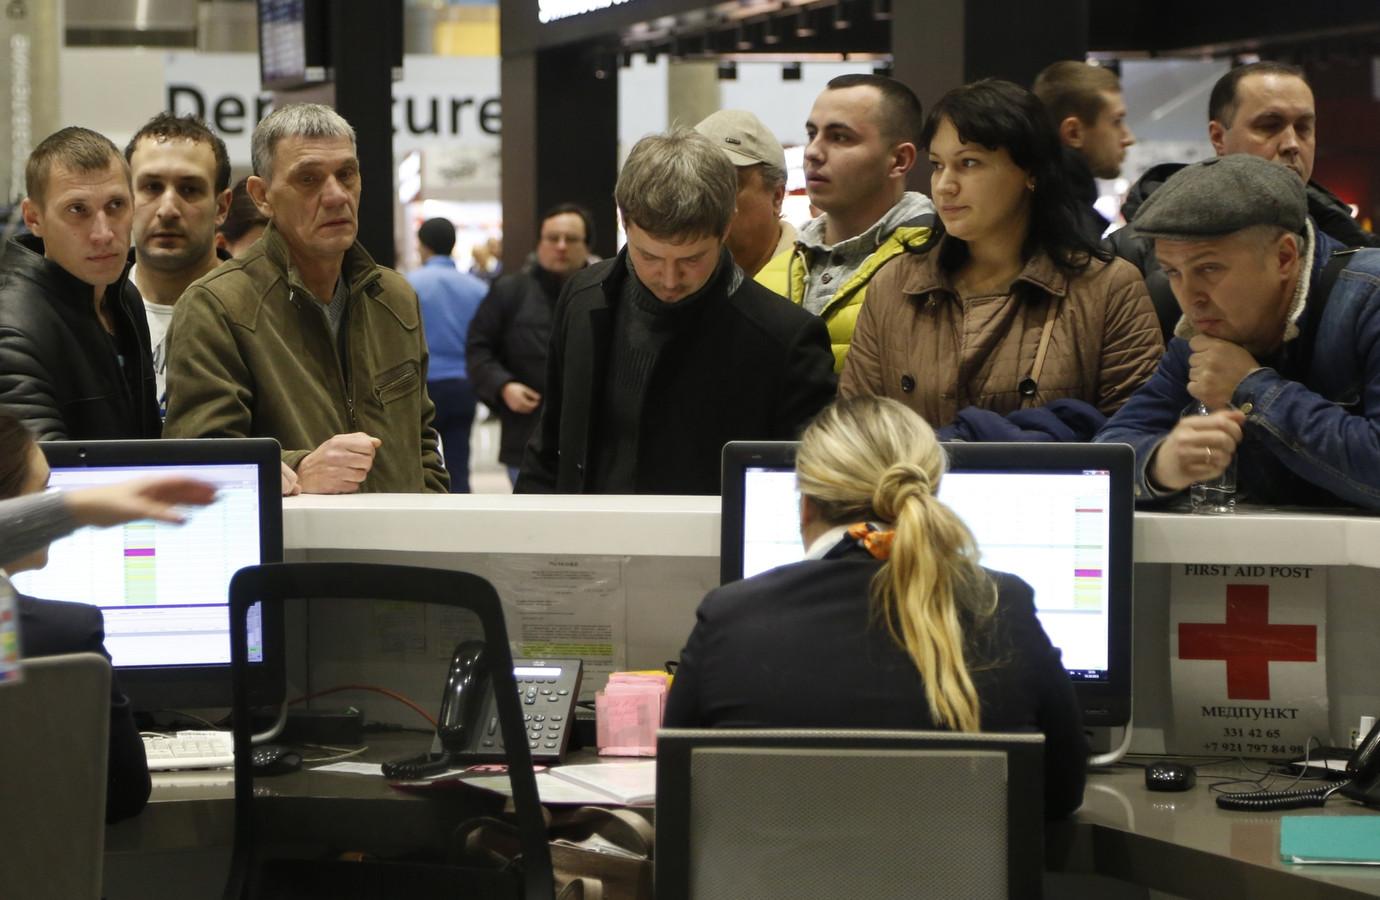 Familieleden van passagiers informeren in St. Petersburg naar het laatste nieuws over het gecrashte vliegtuig